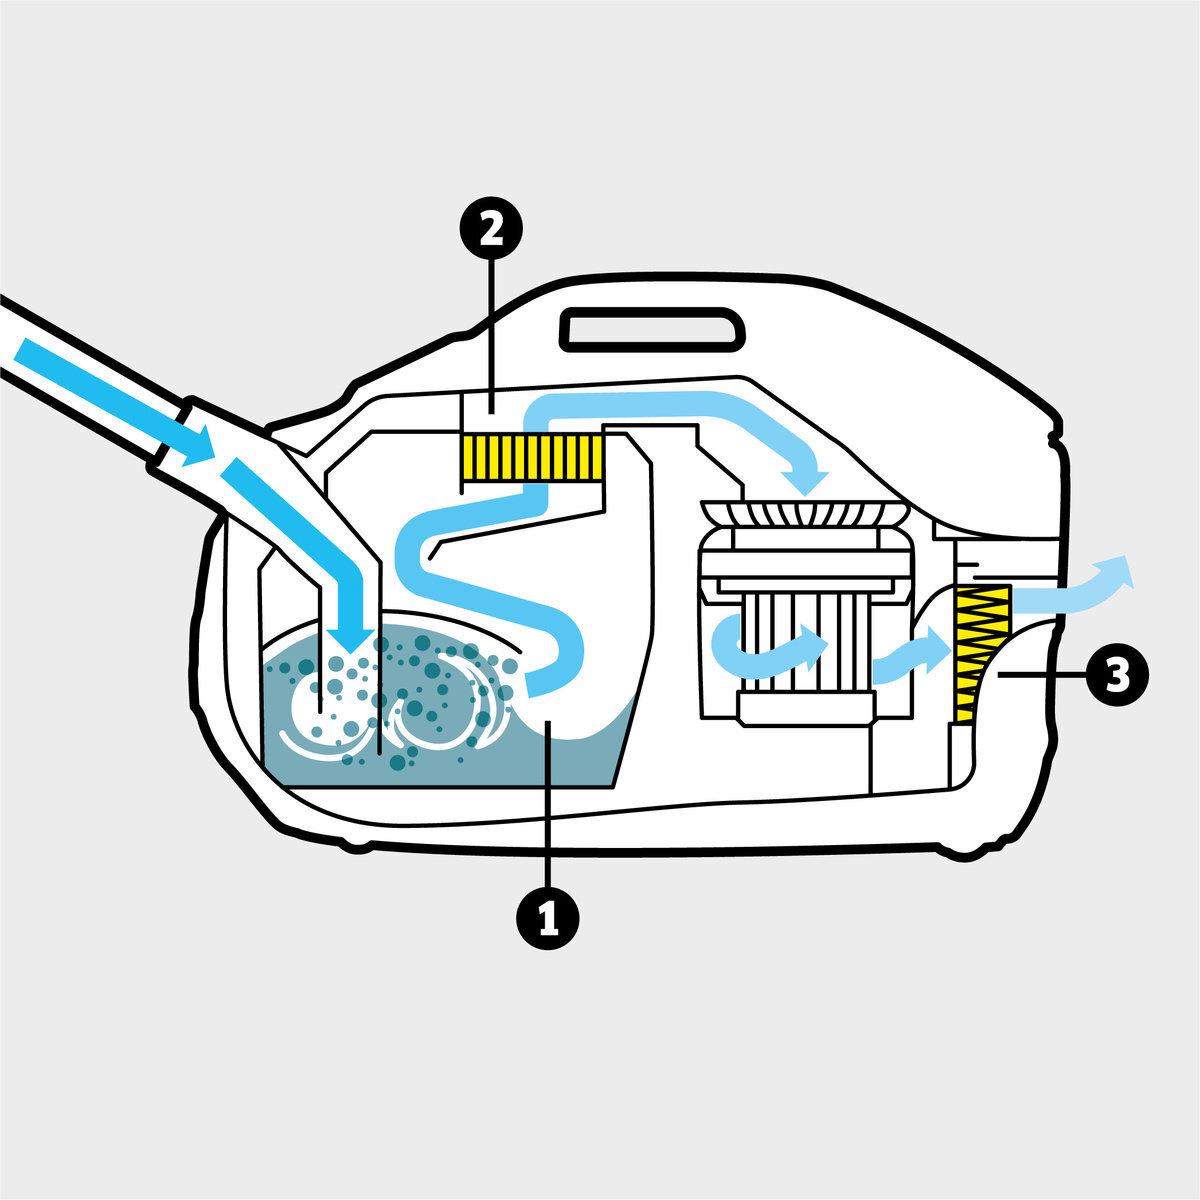 Vysávač svodným filtrom Vysávač s vodným filtrom DS 6: Viacstupňový filtračný systém zložený z inovatívneho vodného filtra, umyvateľného medzifiltra a HEPA 12-filtra (EN 1822:1998)